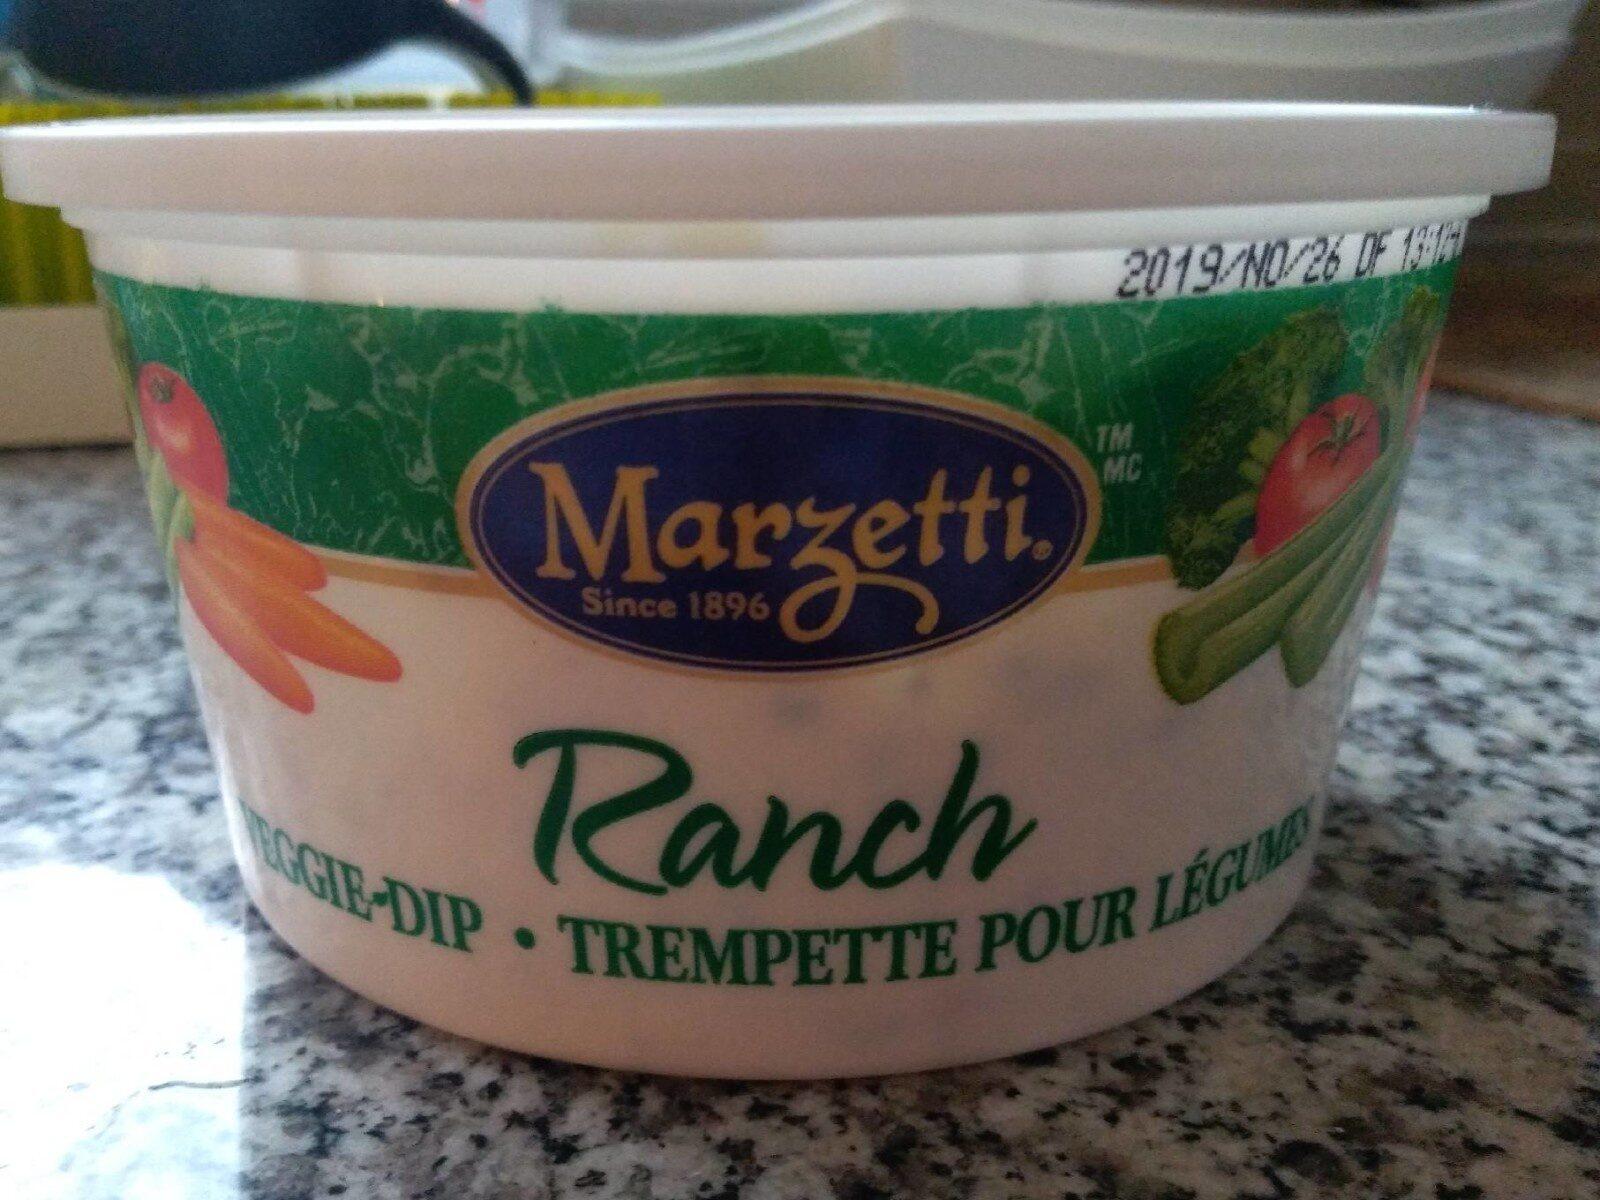 Trempette pour légumes - Produit - fr